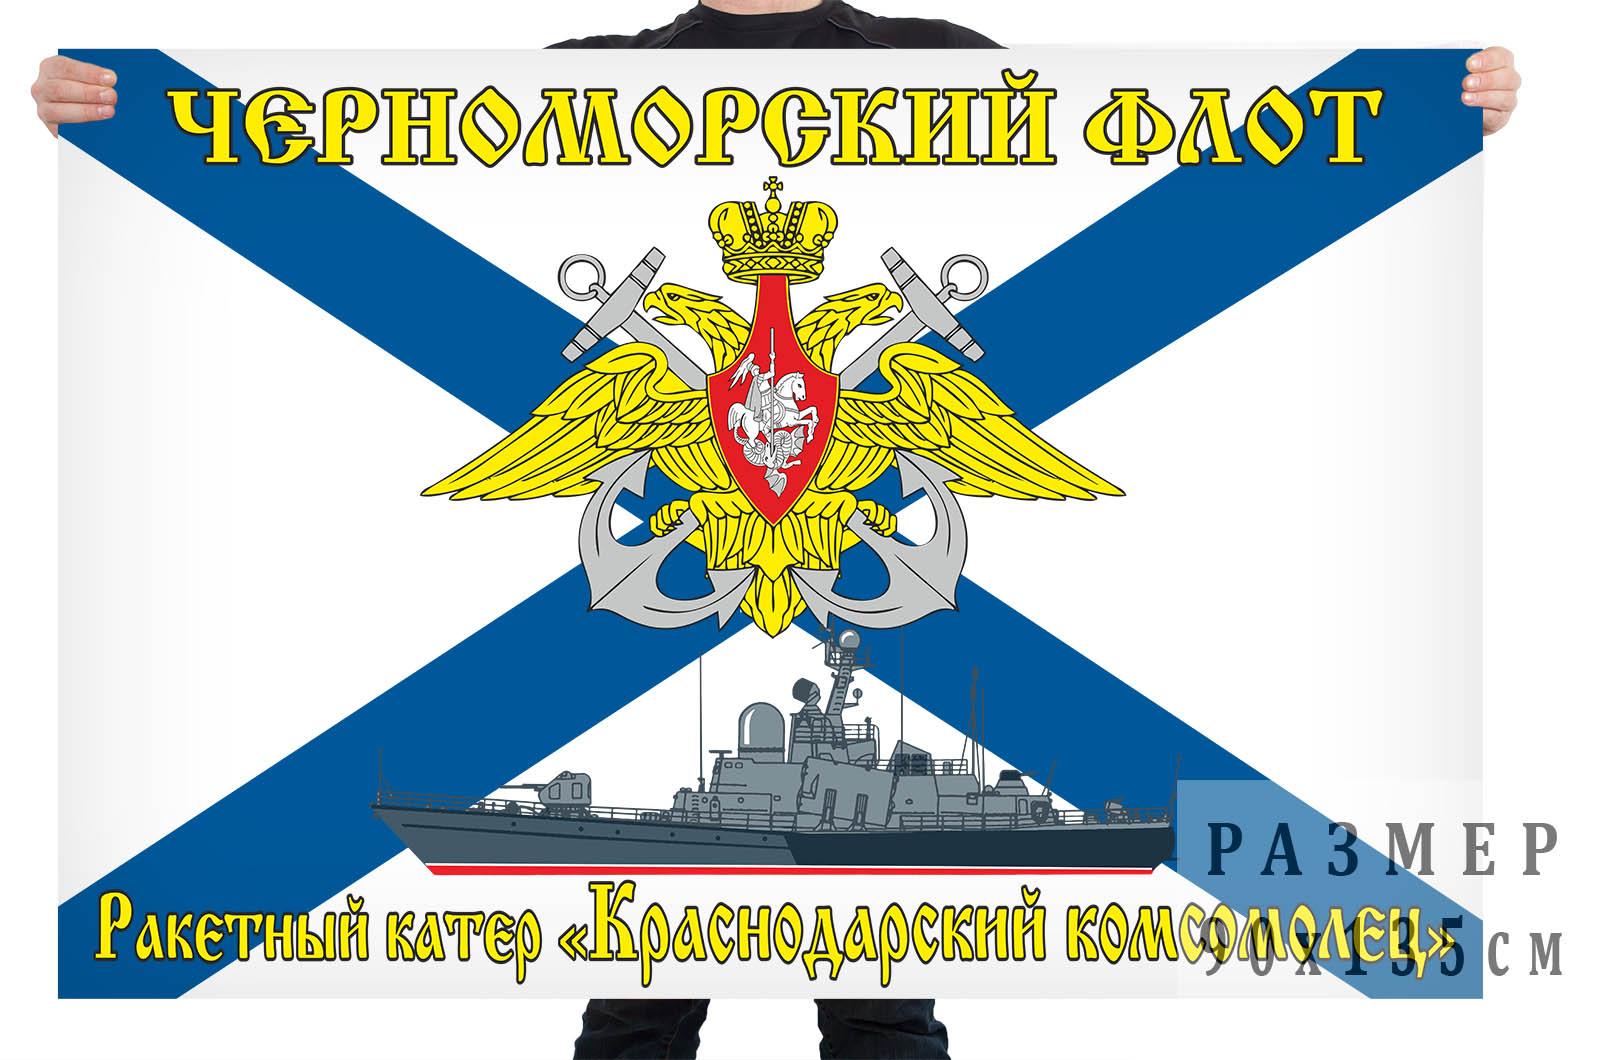 """Флаг ракетного катера """"Краснодарский комсомолец"""""""